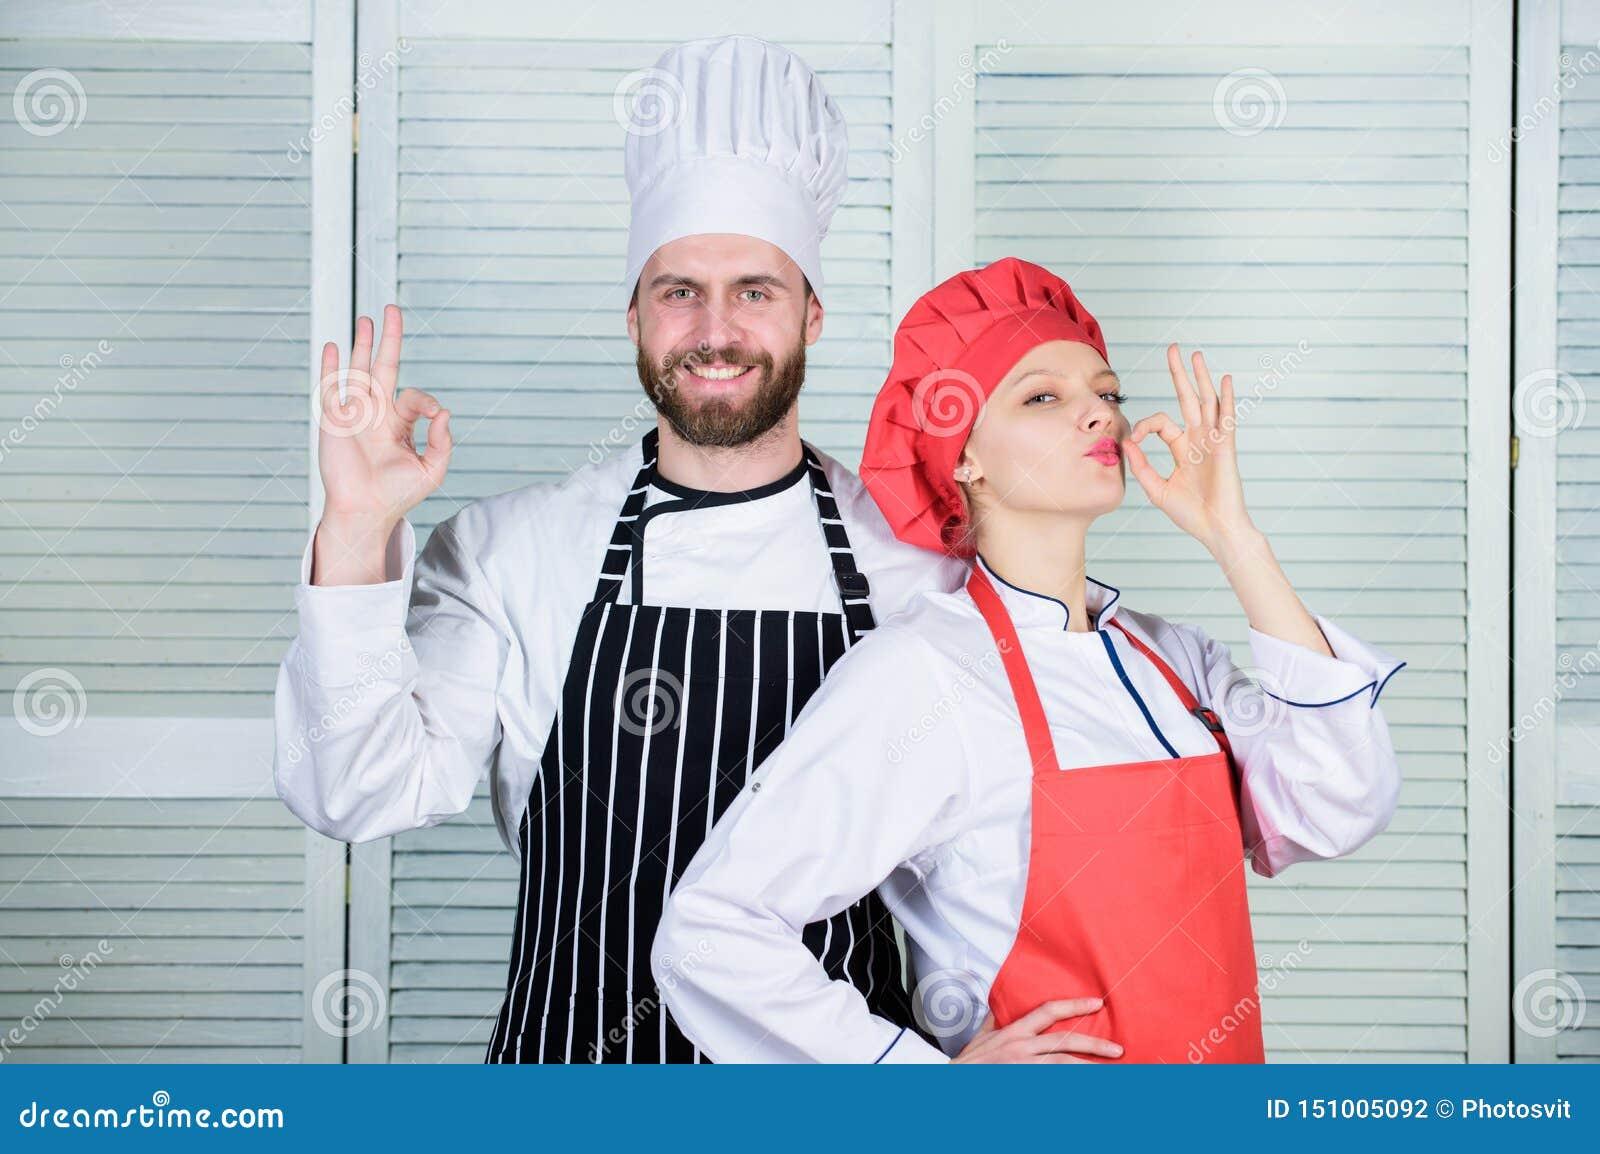 Das Kochen mit Ihrem Gatten kann Verh?ltnisse verst?rken Grundpaare, die zusammen kochen Teamwork in der K?che paare